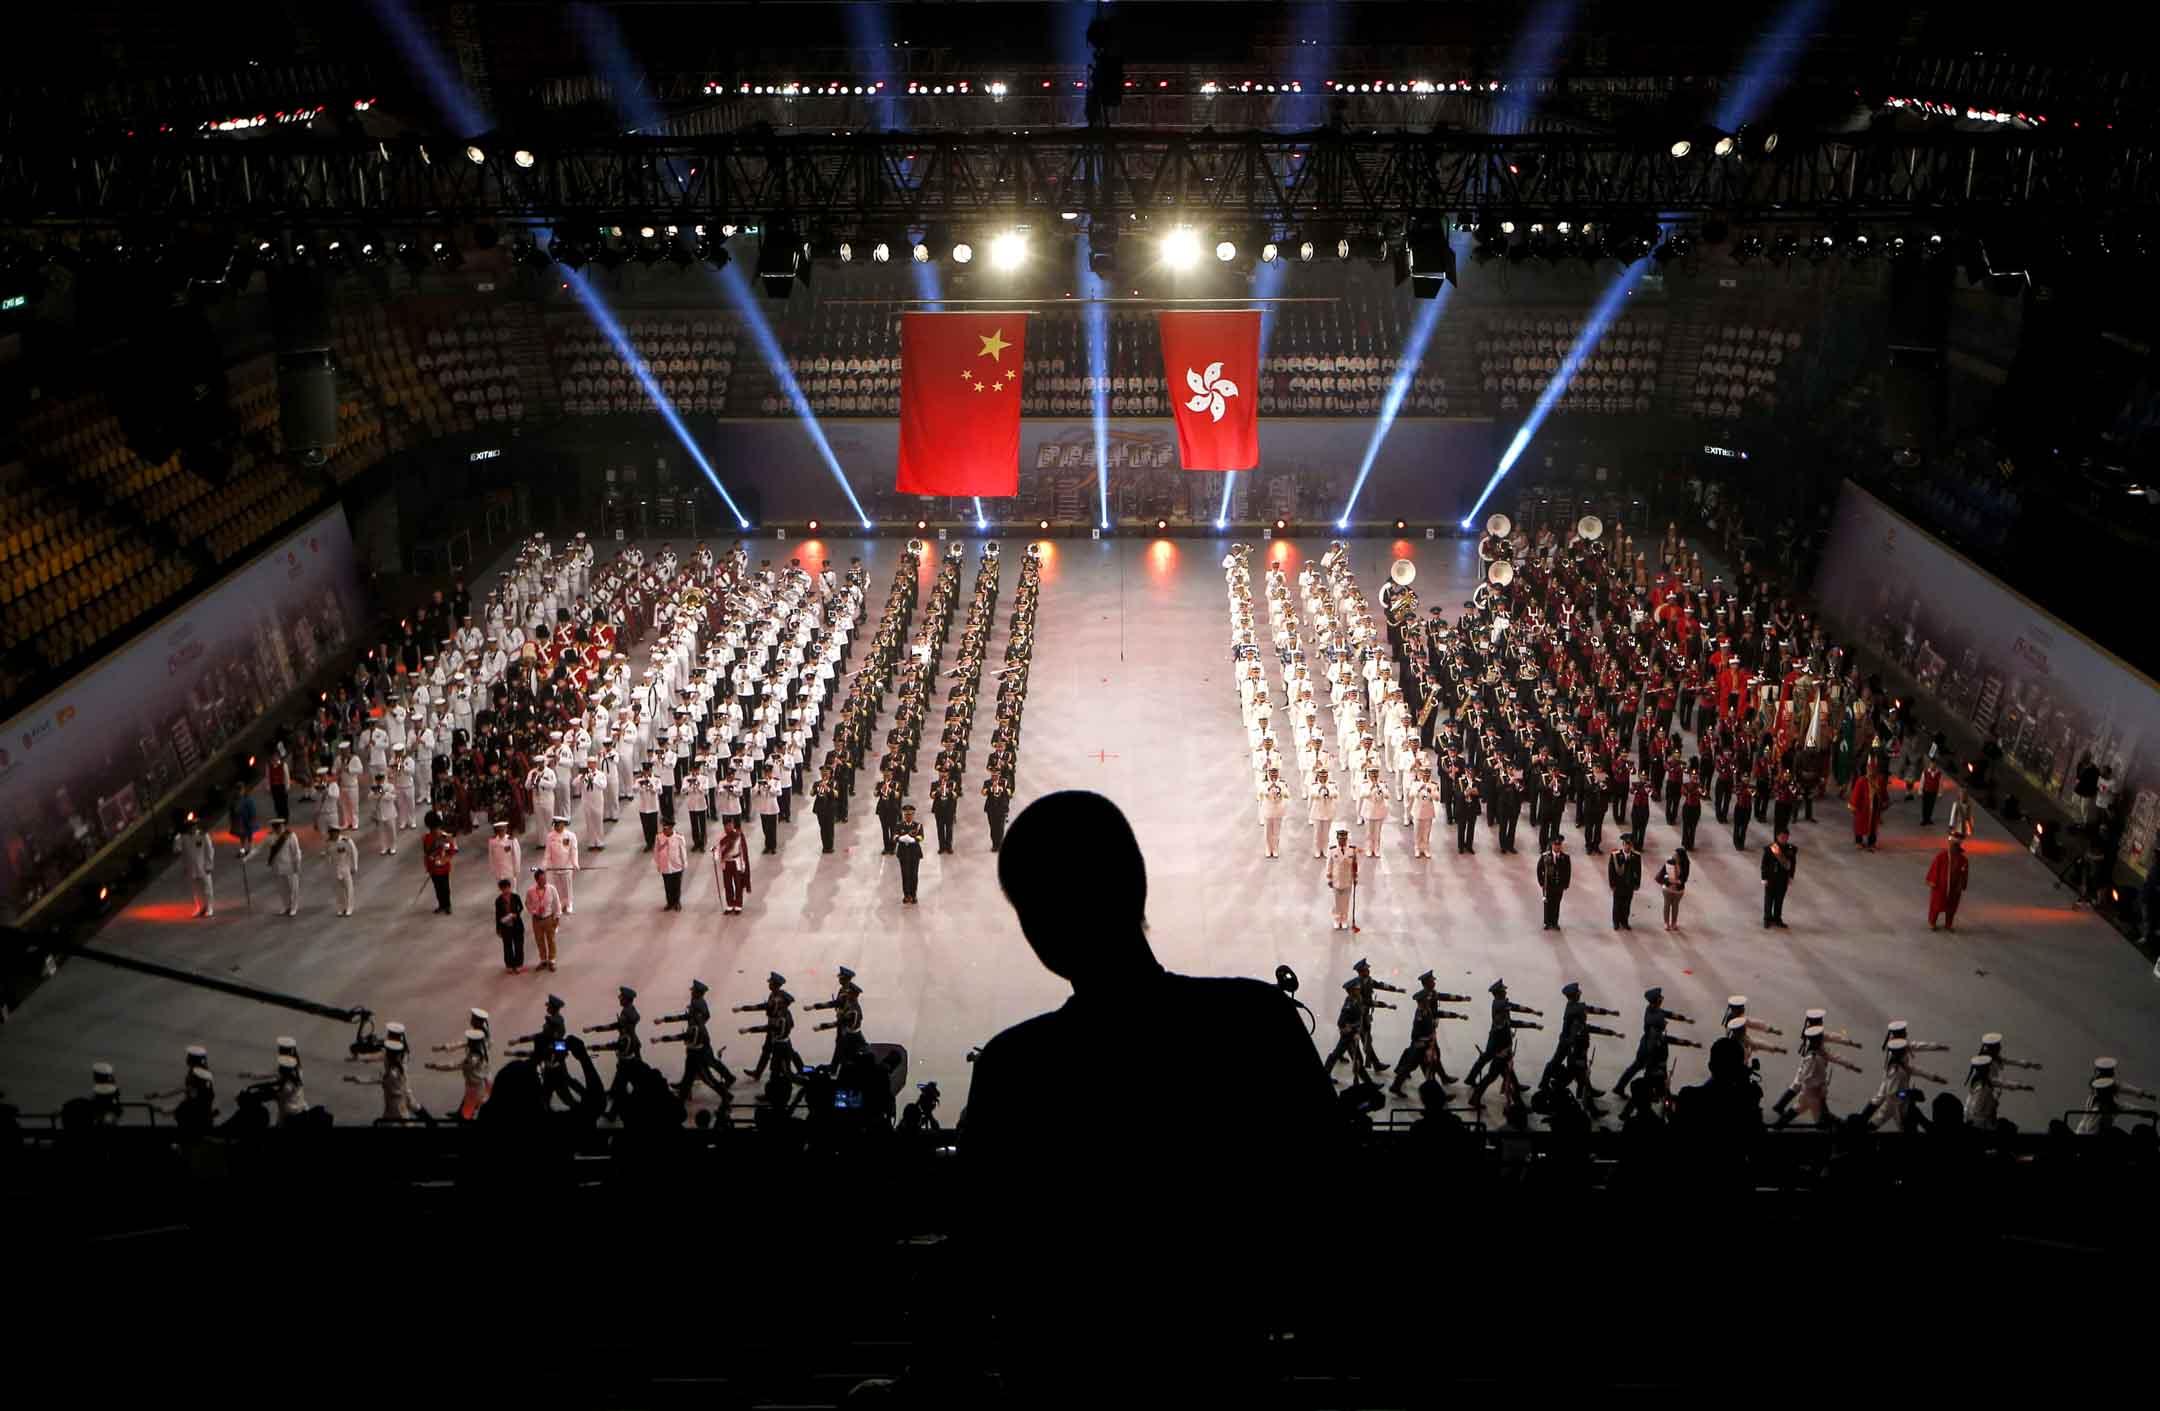 2012年6月21日,慶祝香港回歸中國15週年民藝晚會。